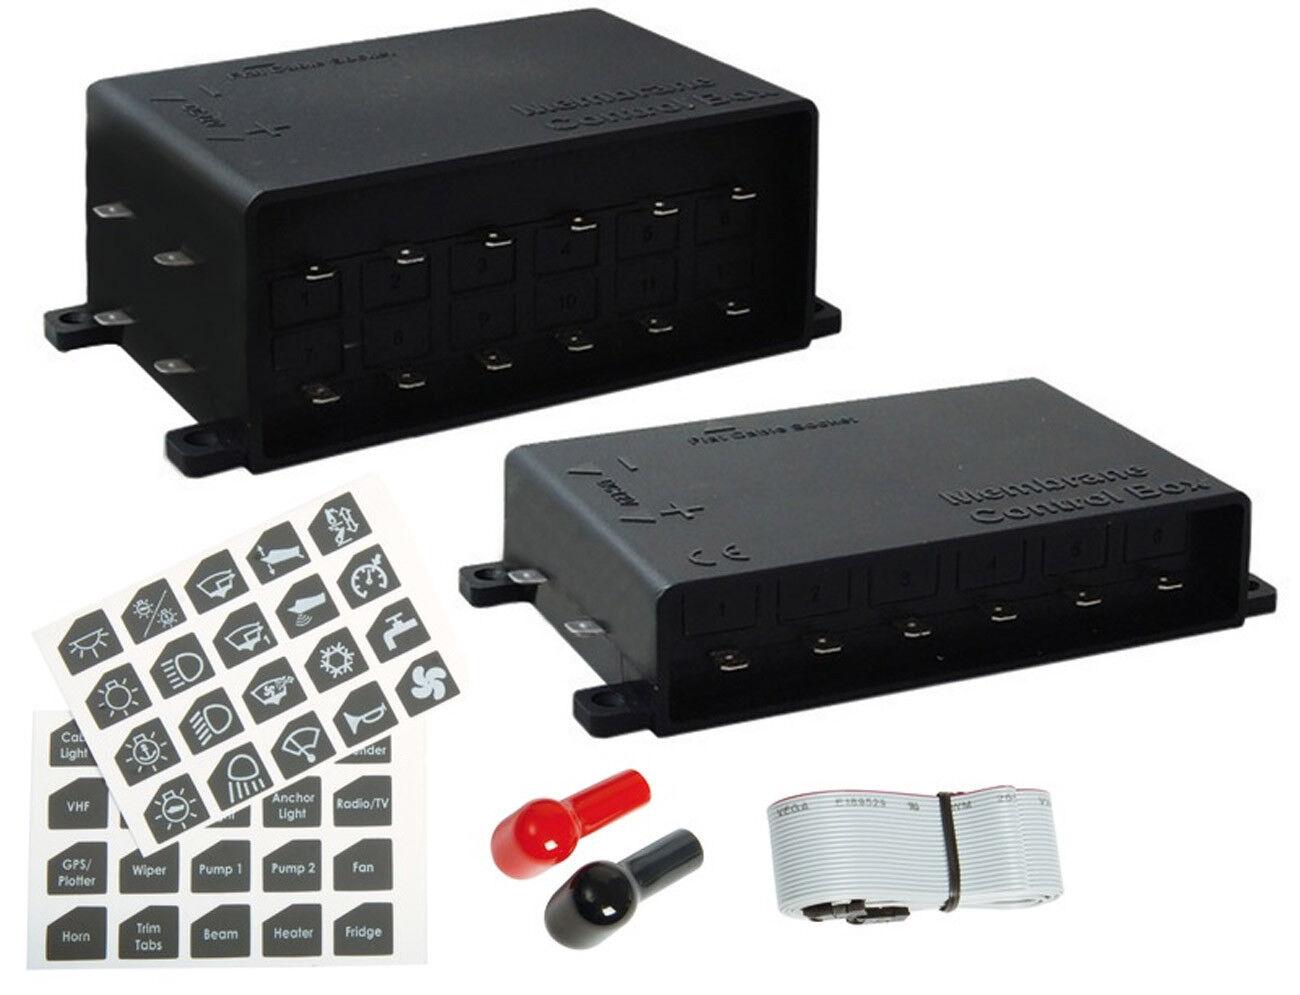 Elektrische Schalttafel Touch Touch Schalttafel Control ultradünn 6 / 12 Schalter Stiefel-Elektronik ca7fa7